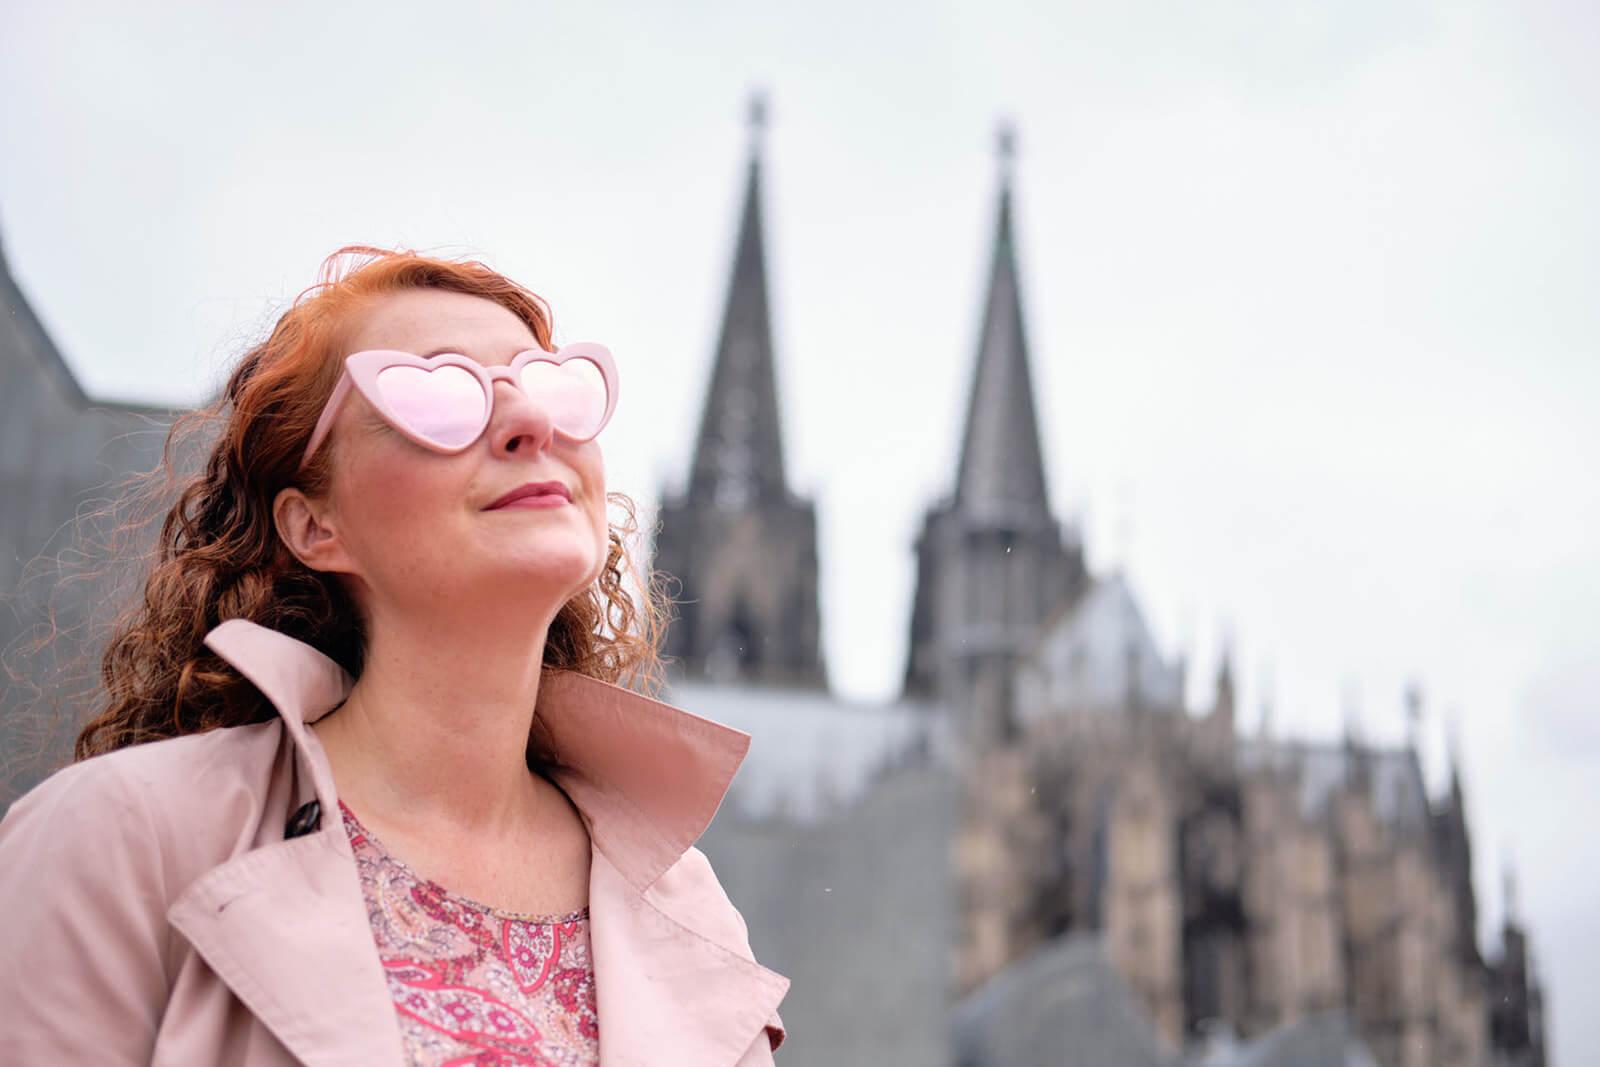 Kölner Heinrich-Böll-Platz - die besten Instagram Fotoshooting Locations in Köln rund um den Kölner Dom